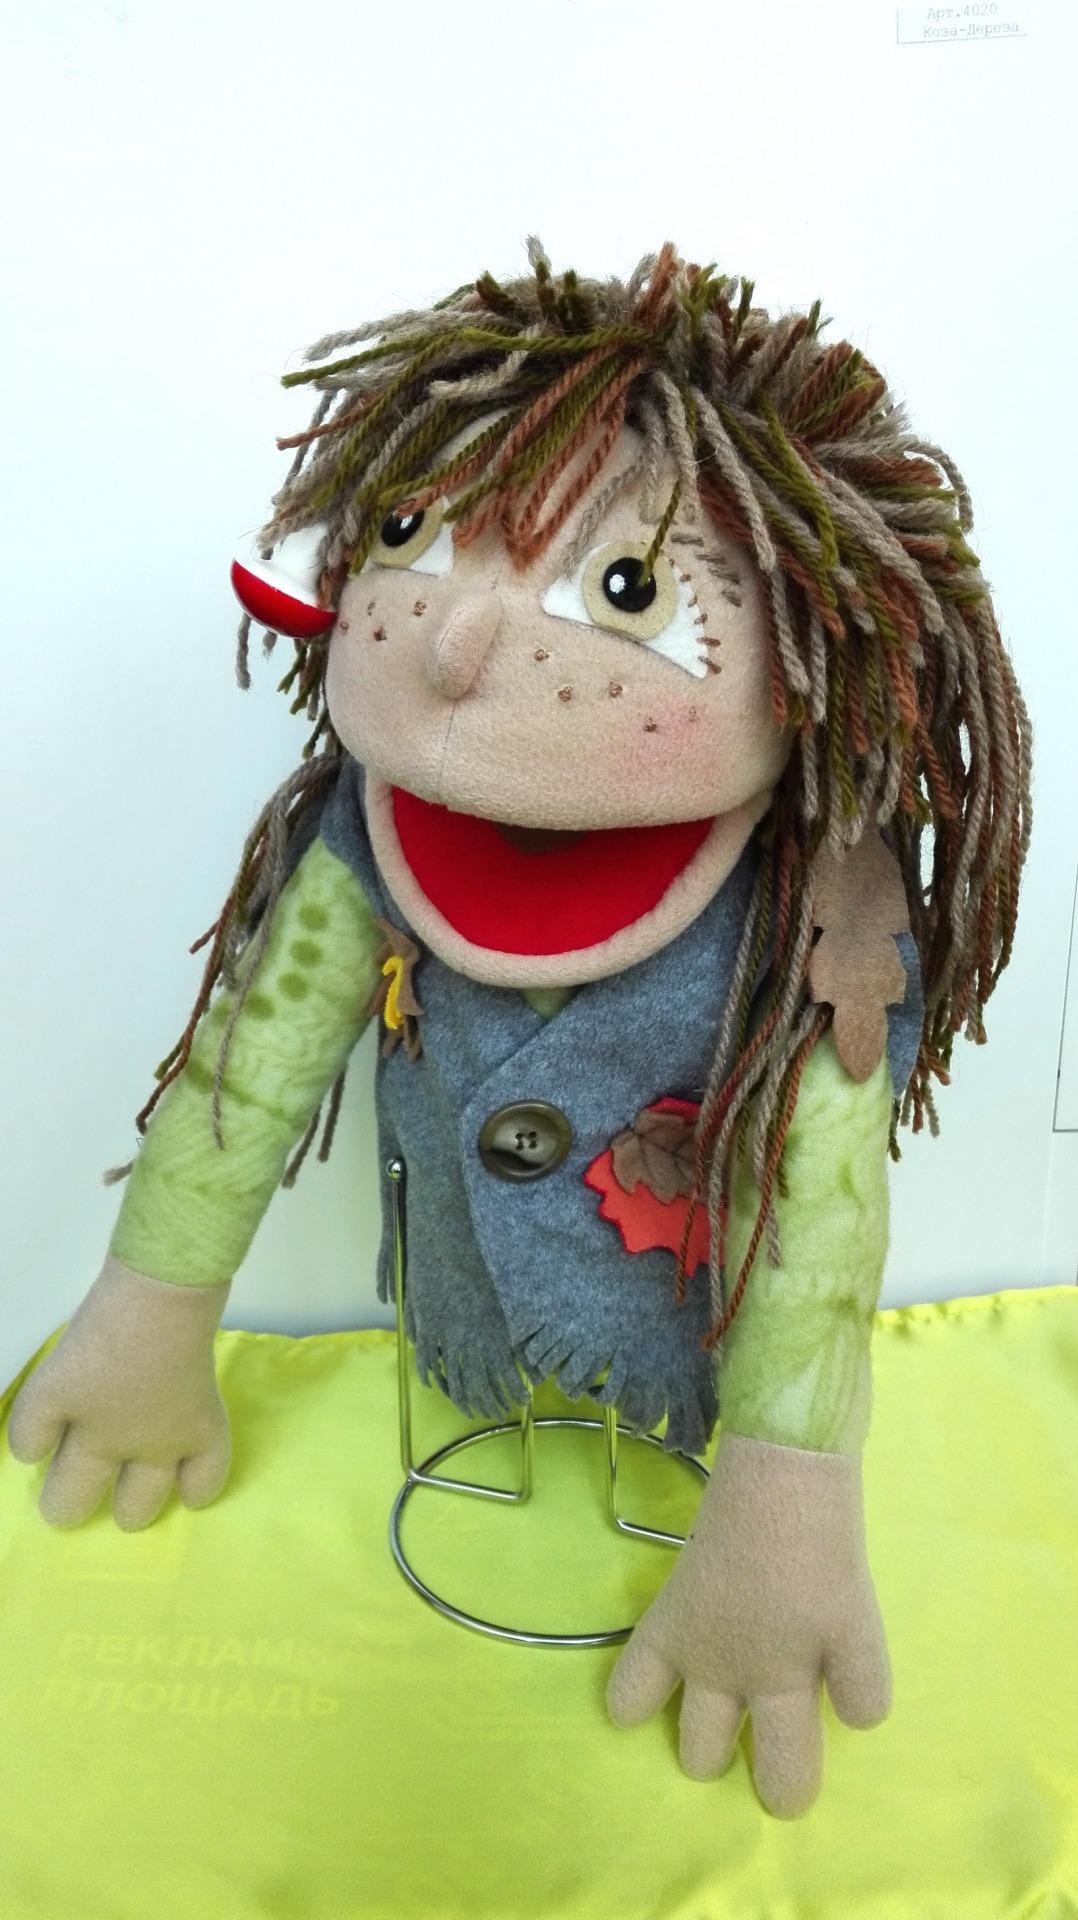 Леший кукла с открывающимся ртом для кукольного театра